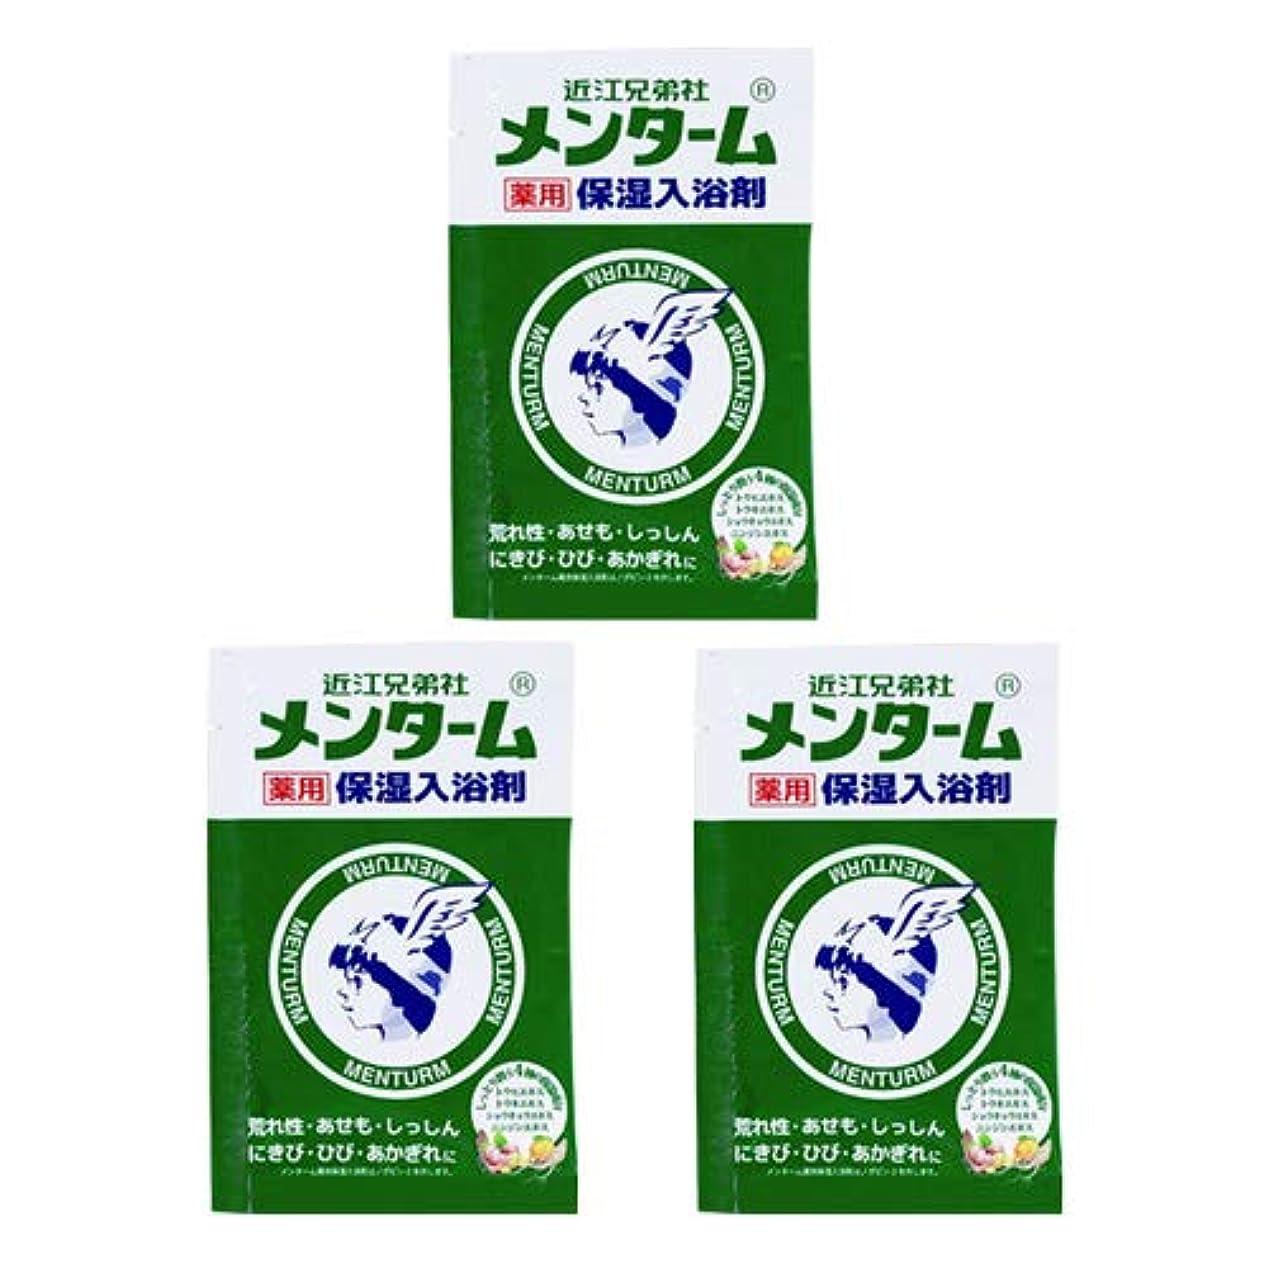 フィット傷つきやすいハイキングに行く近江兄弟社 メンターム 薬用 保湿入浴剤 25g×3個セット